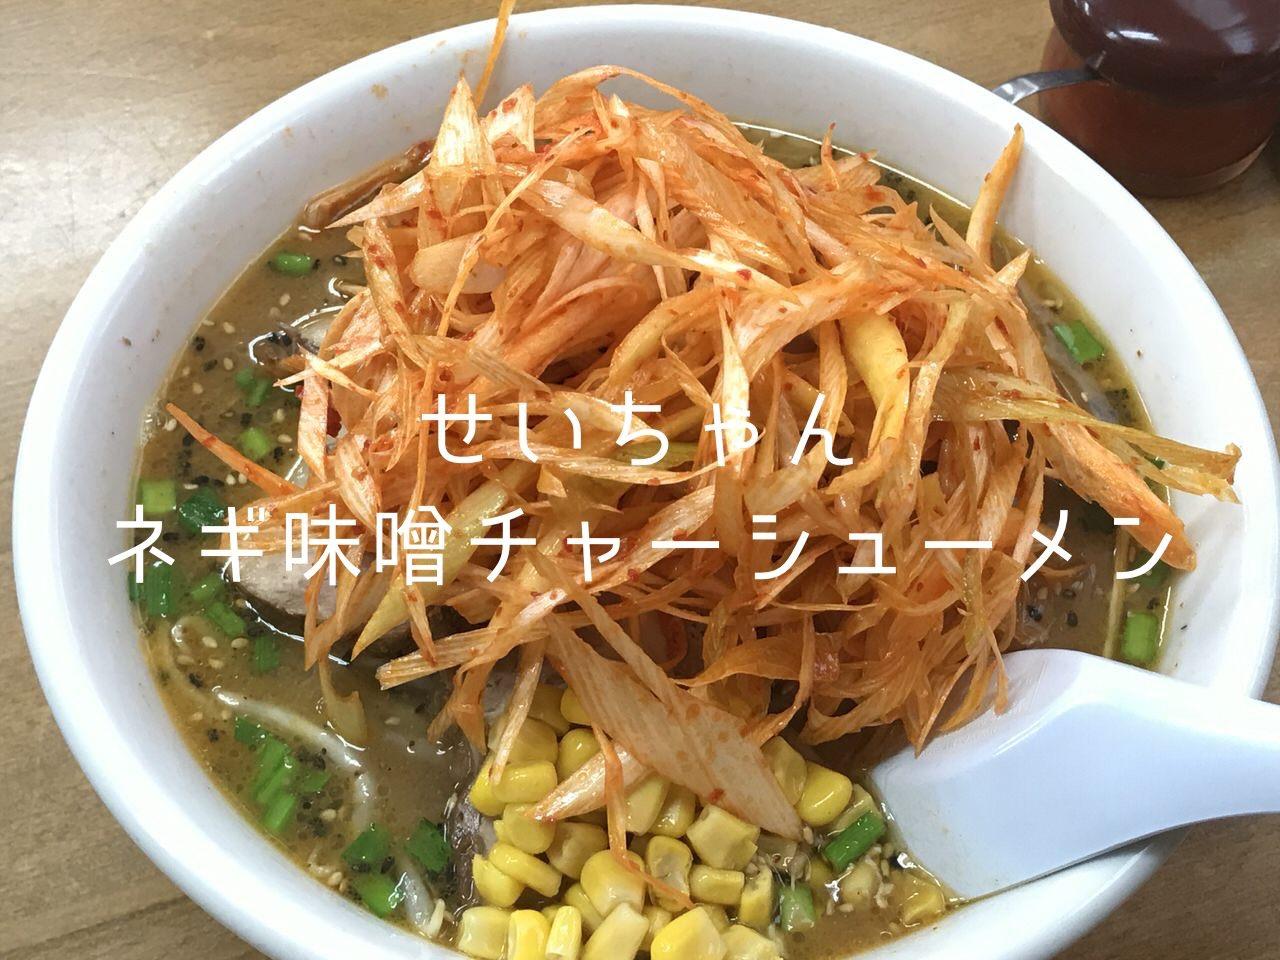 「清ちゃんラーメン」埼スタ帰りにネギみそチャーシューメン(浦和美園)